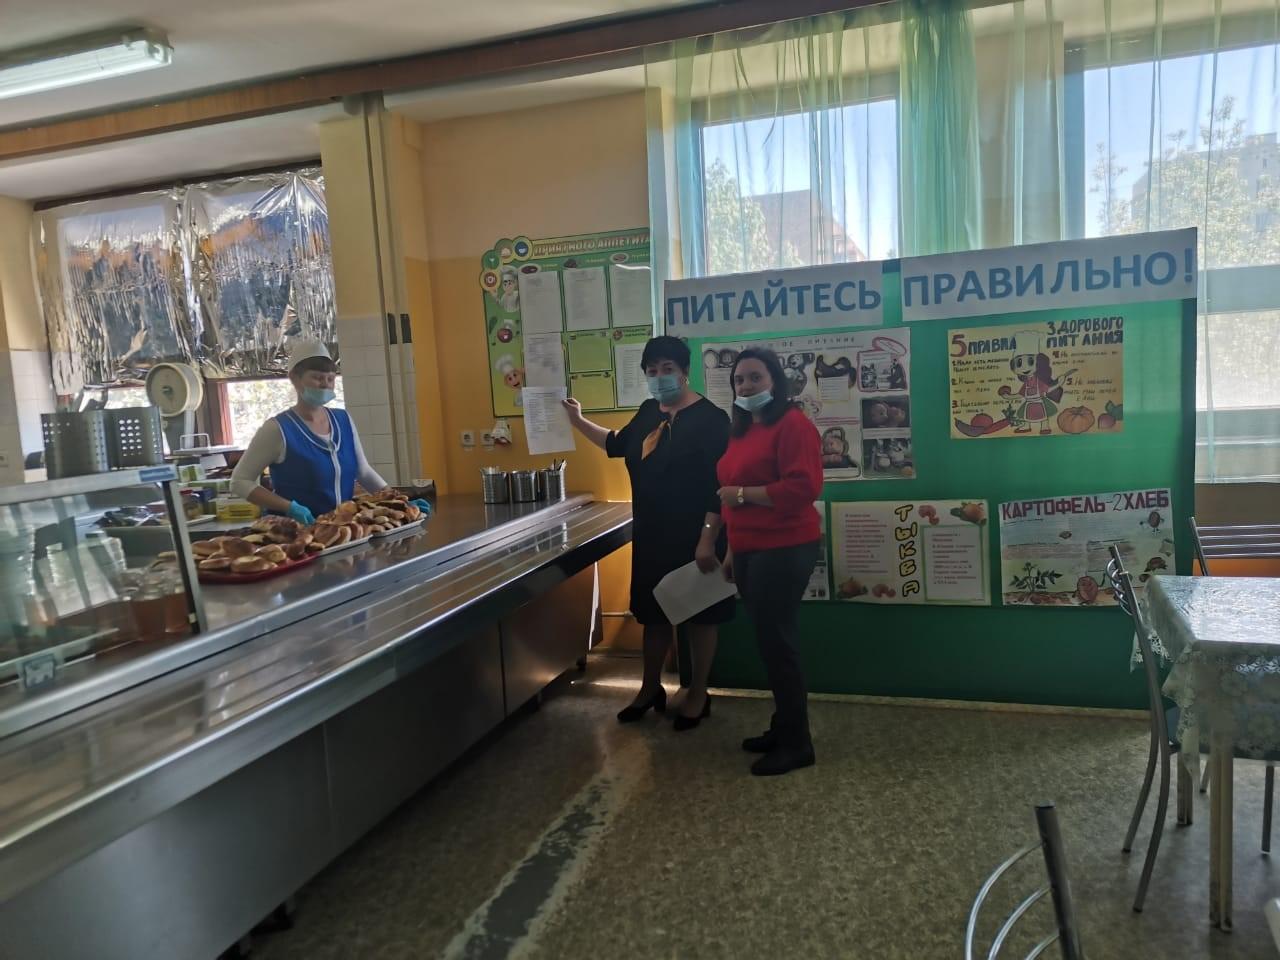 Роспотребнадзор участвует в мероприятиях по организации родительского контроля за питанием учащихся школах Миллеровского района